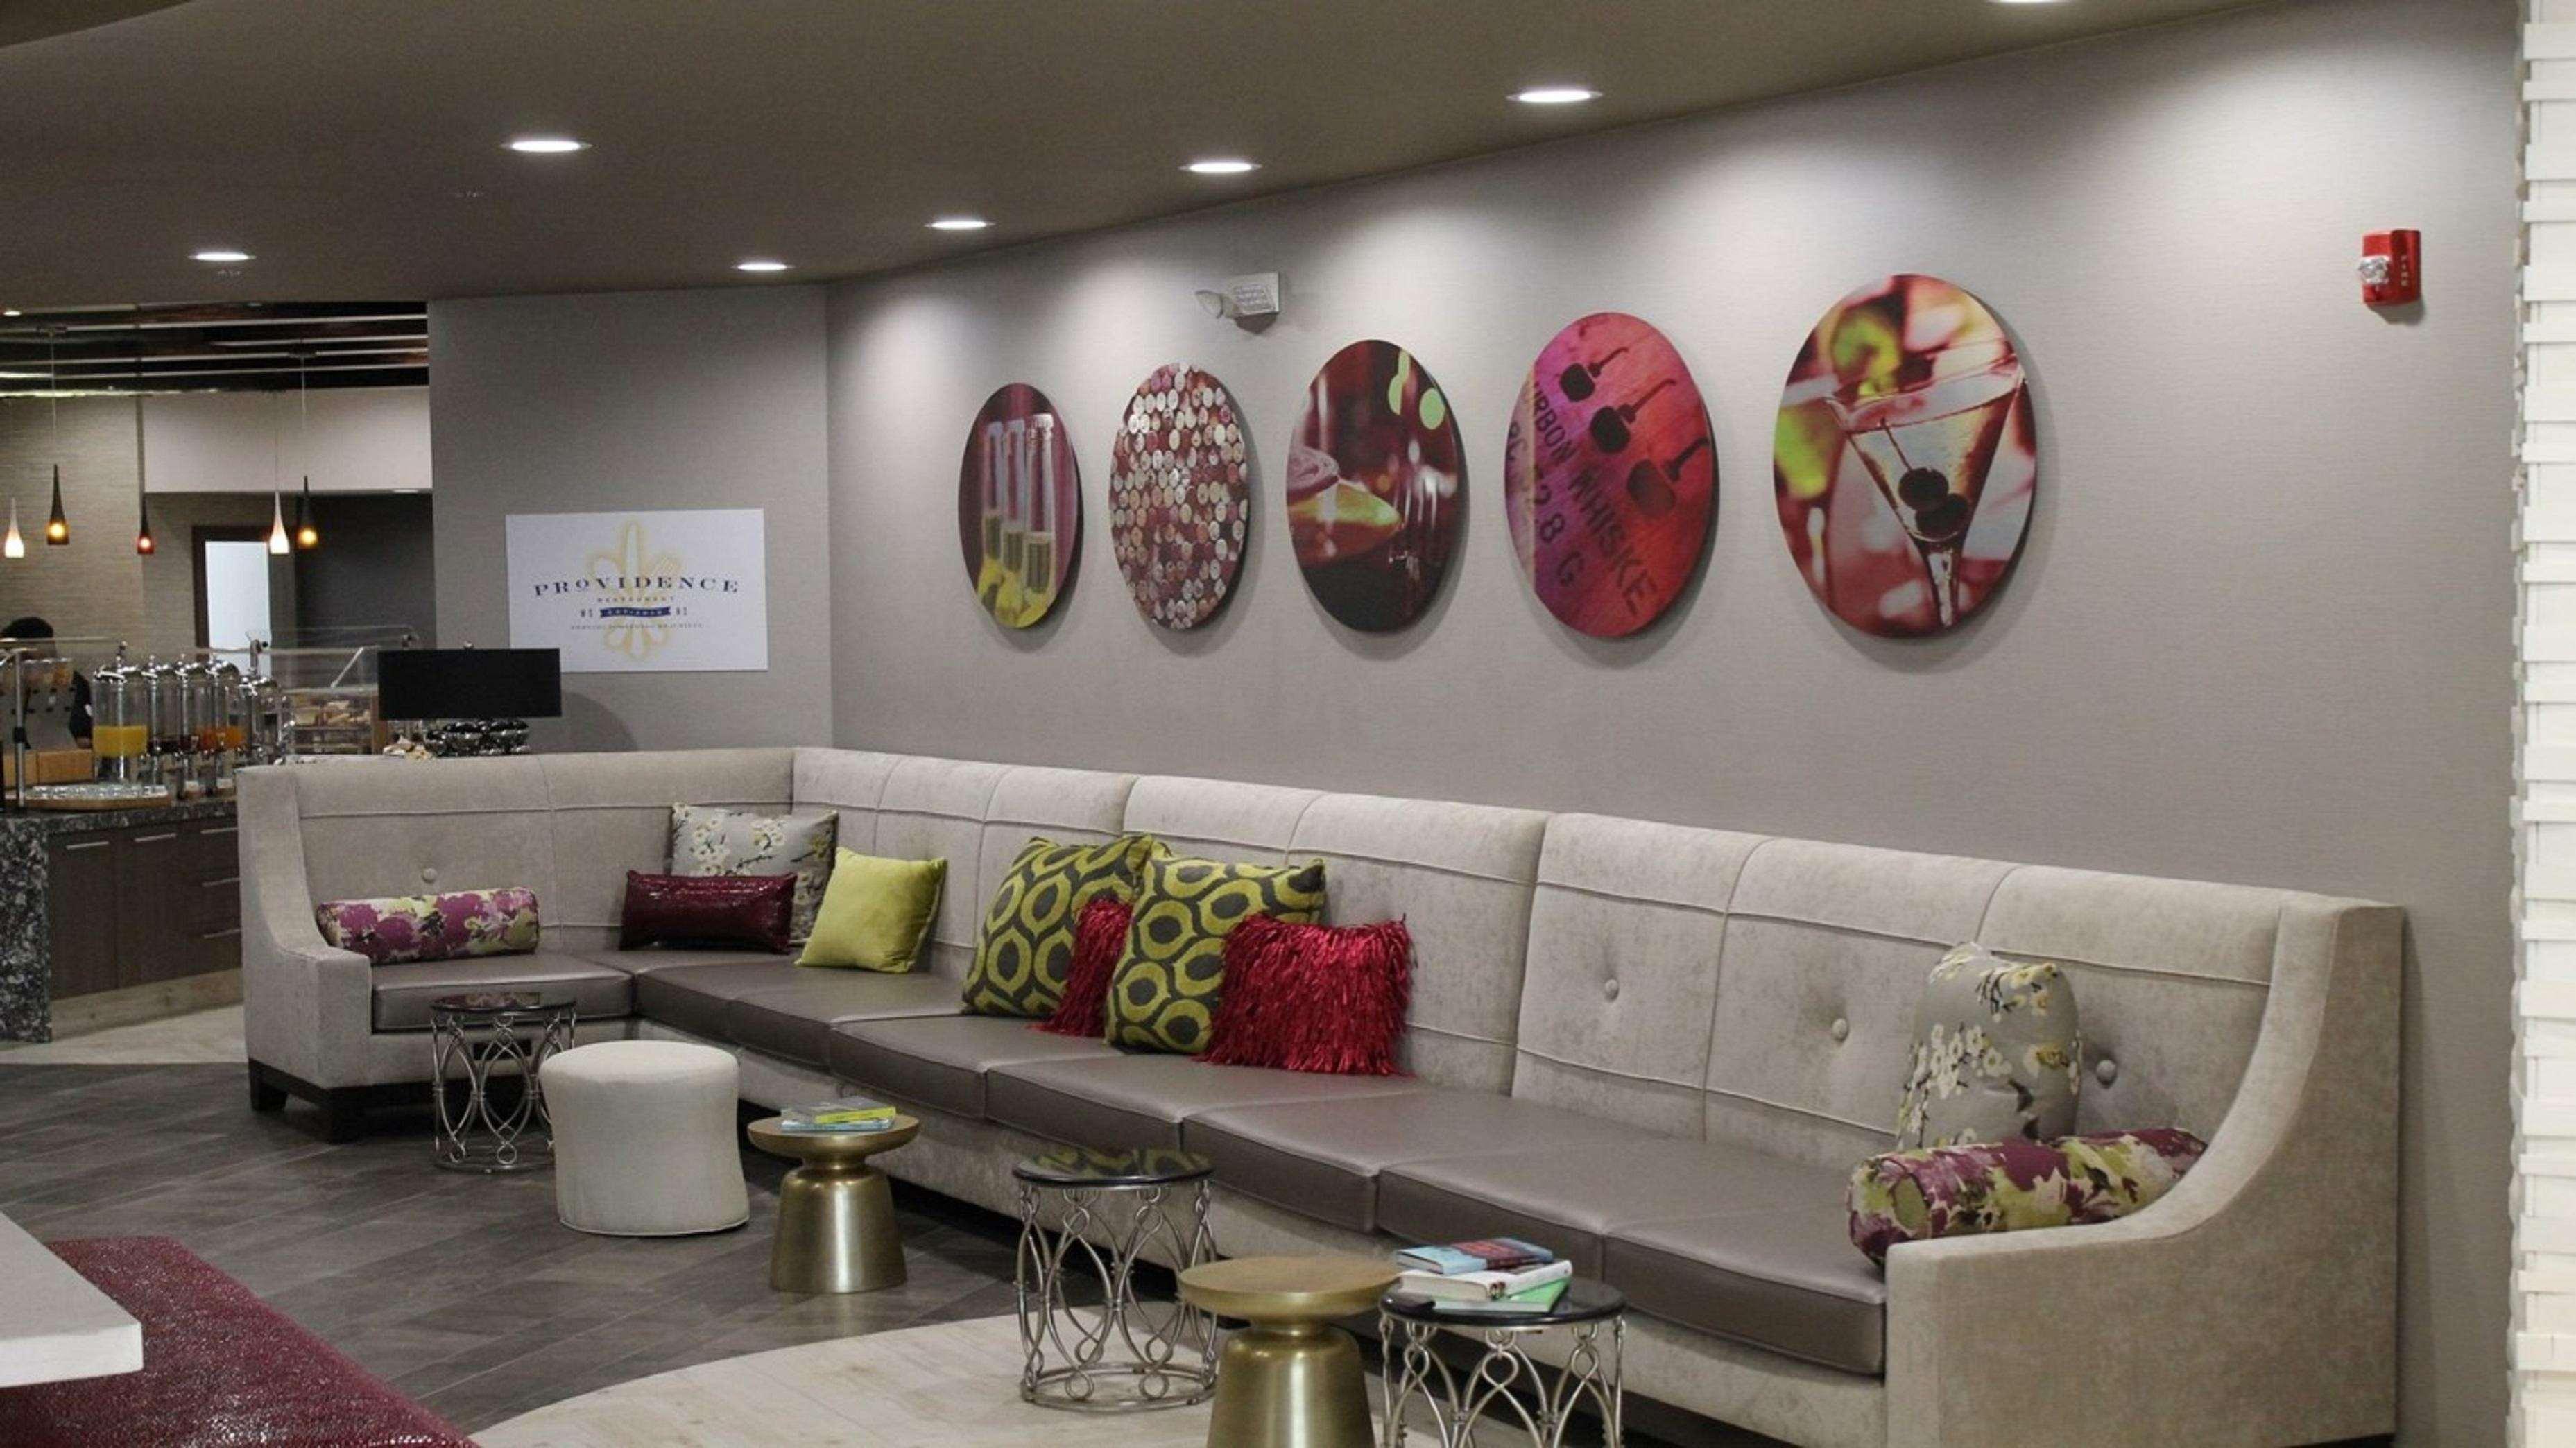 DoubleTree by Hilton Hotel Winston Salem - University image 7